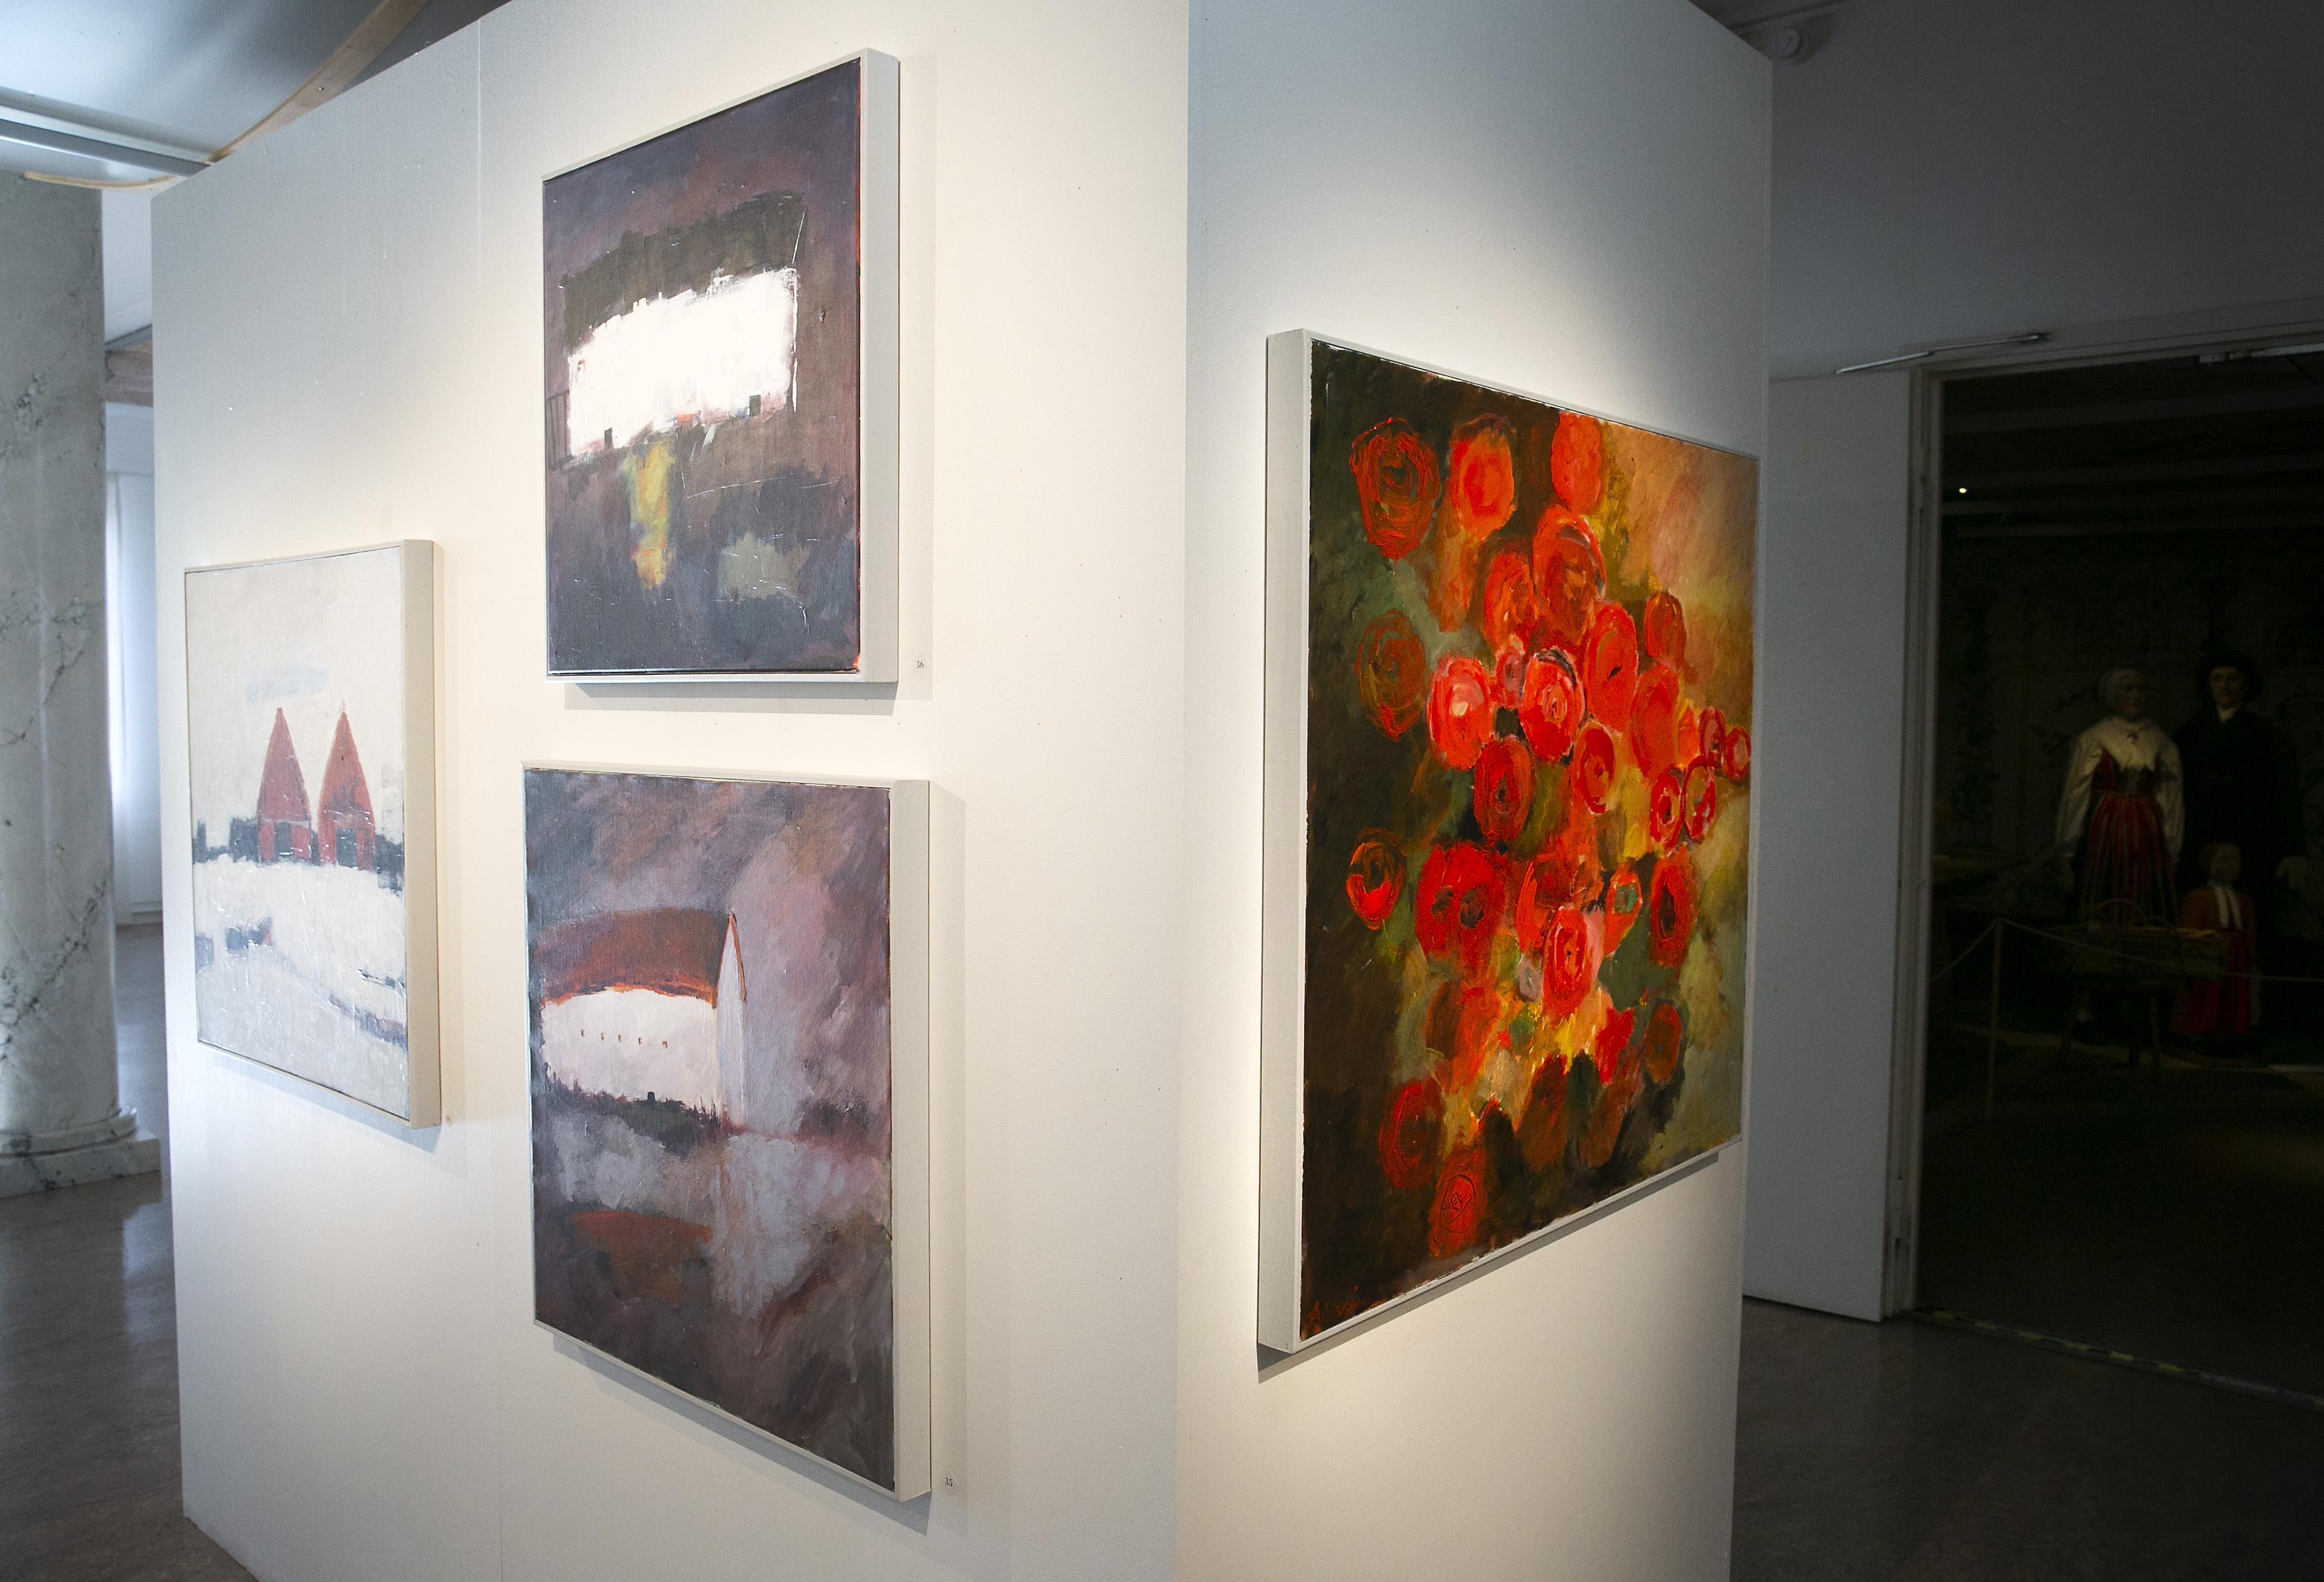 Många tavlor har sparsamt med färg och som kontrast finns flera som är riktiga färgklickar.